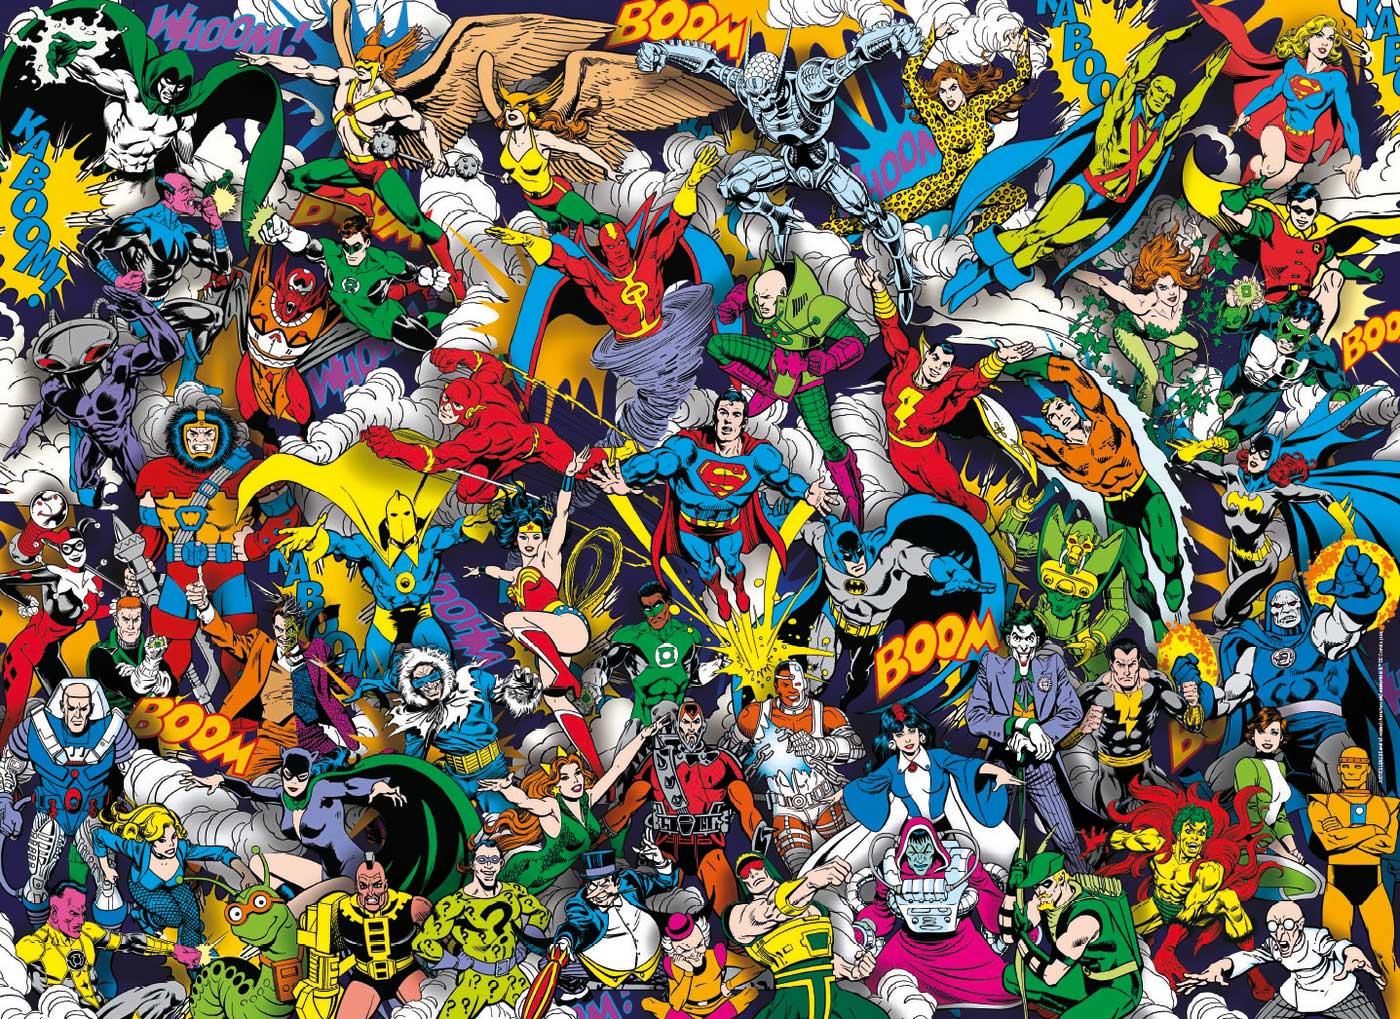 Puzzle Clementoni Imposible Liga de la Justicia DC de 1000 Pieza